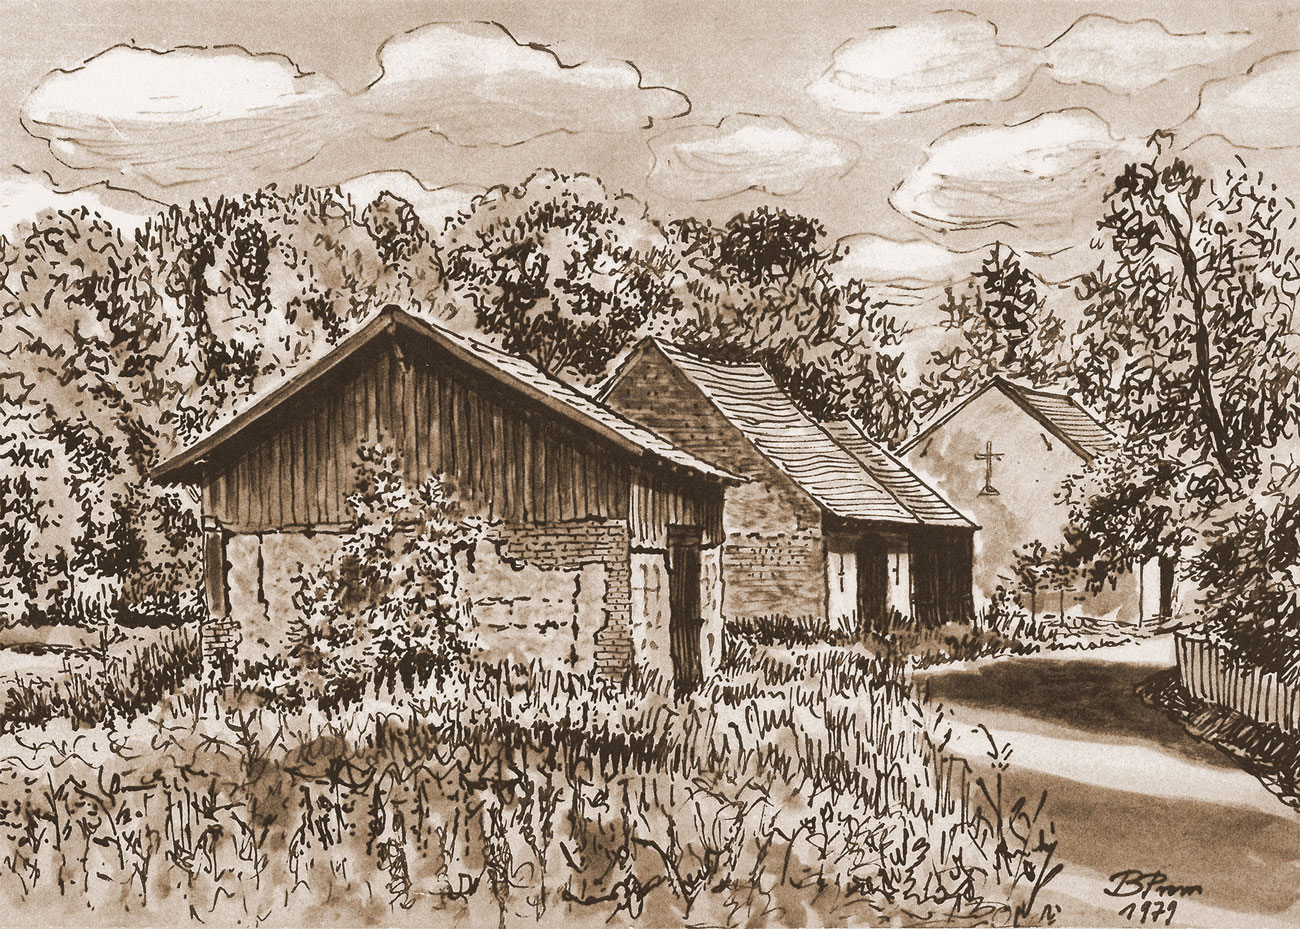 stodoly-kornik-1979-prominski-strona